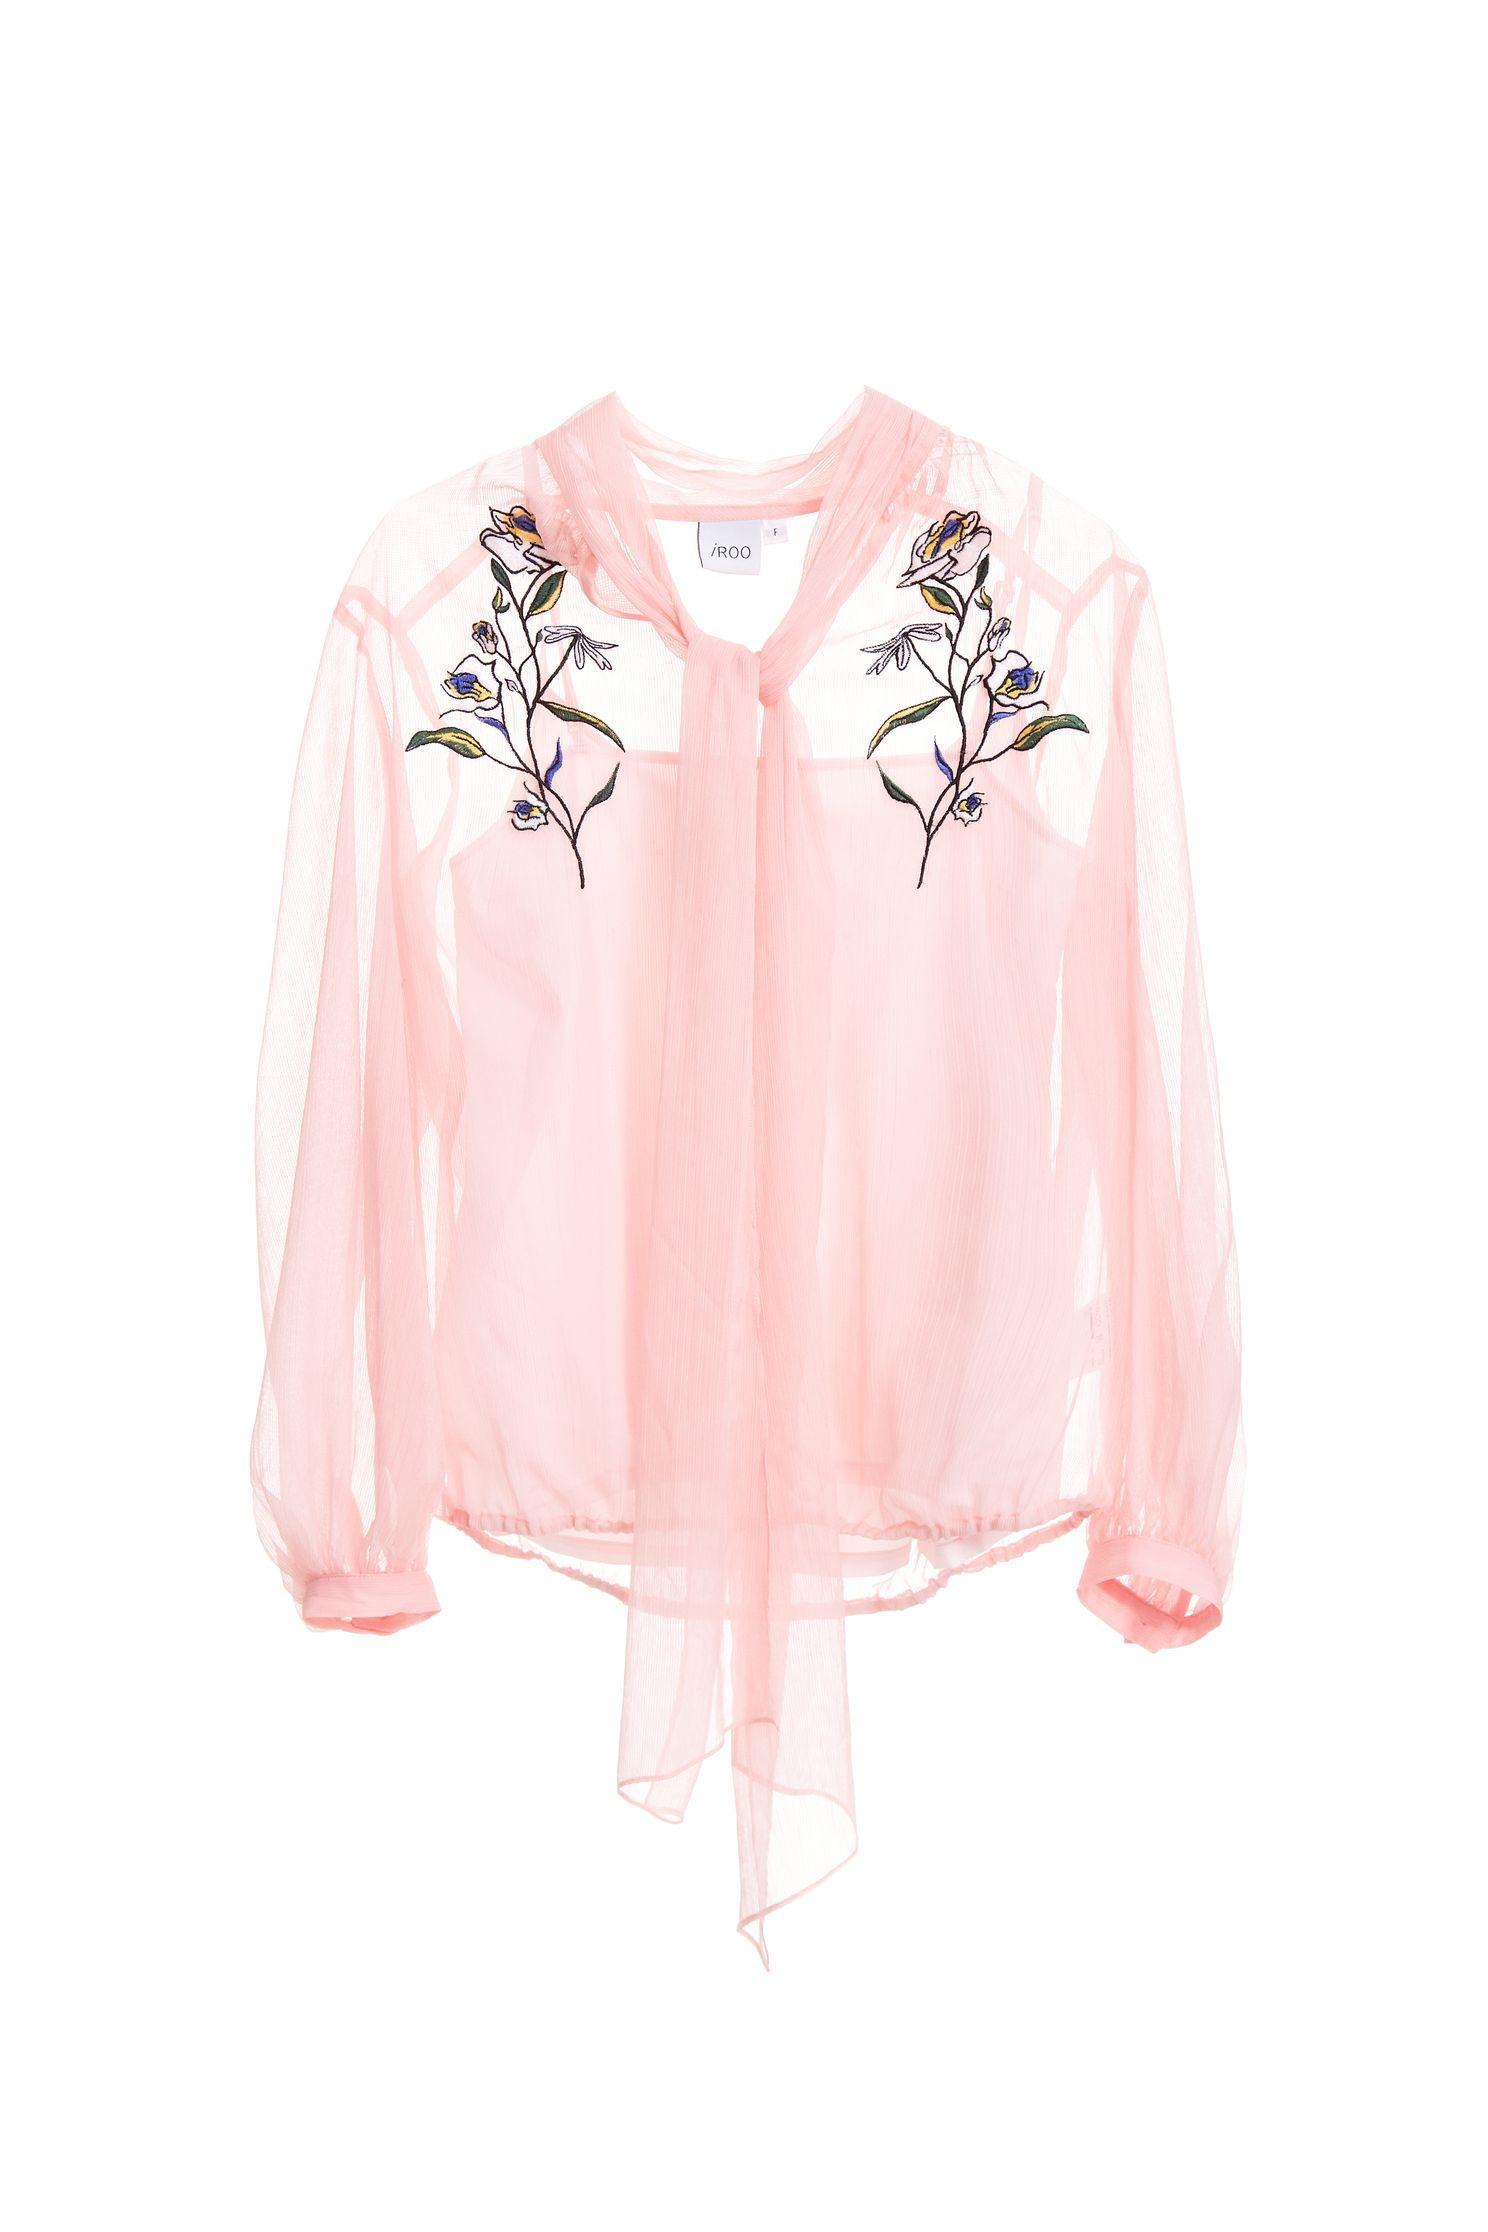 Embroidered chiffon shirts,top,embroidery,embroideredtop,i-select,embroidered,embroideredtop,blouse,longsleevetop,chiffon,chiffontop